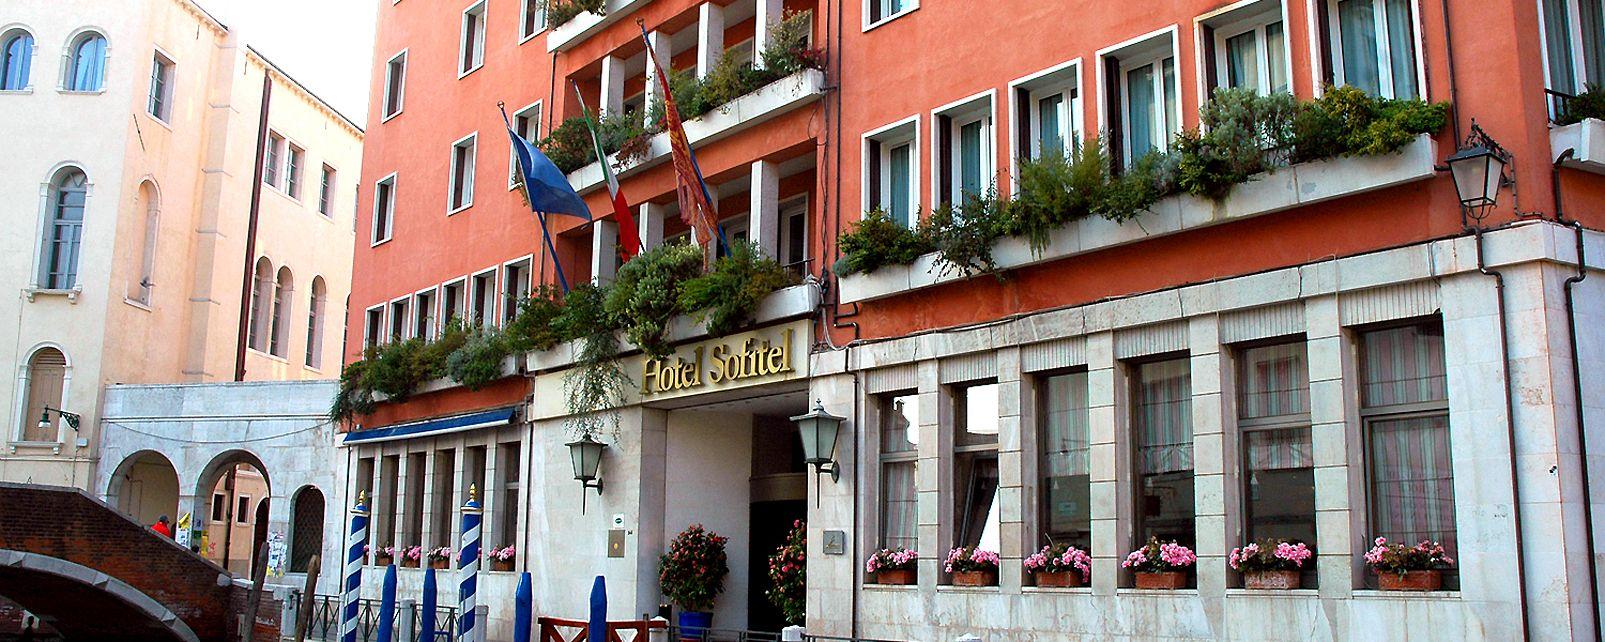 Hotel Sofitel Venise